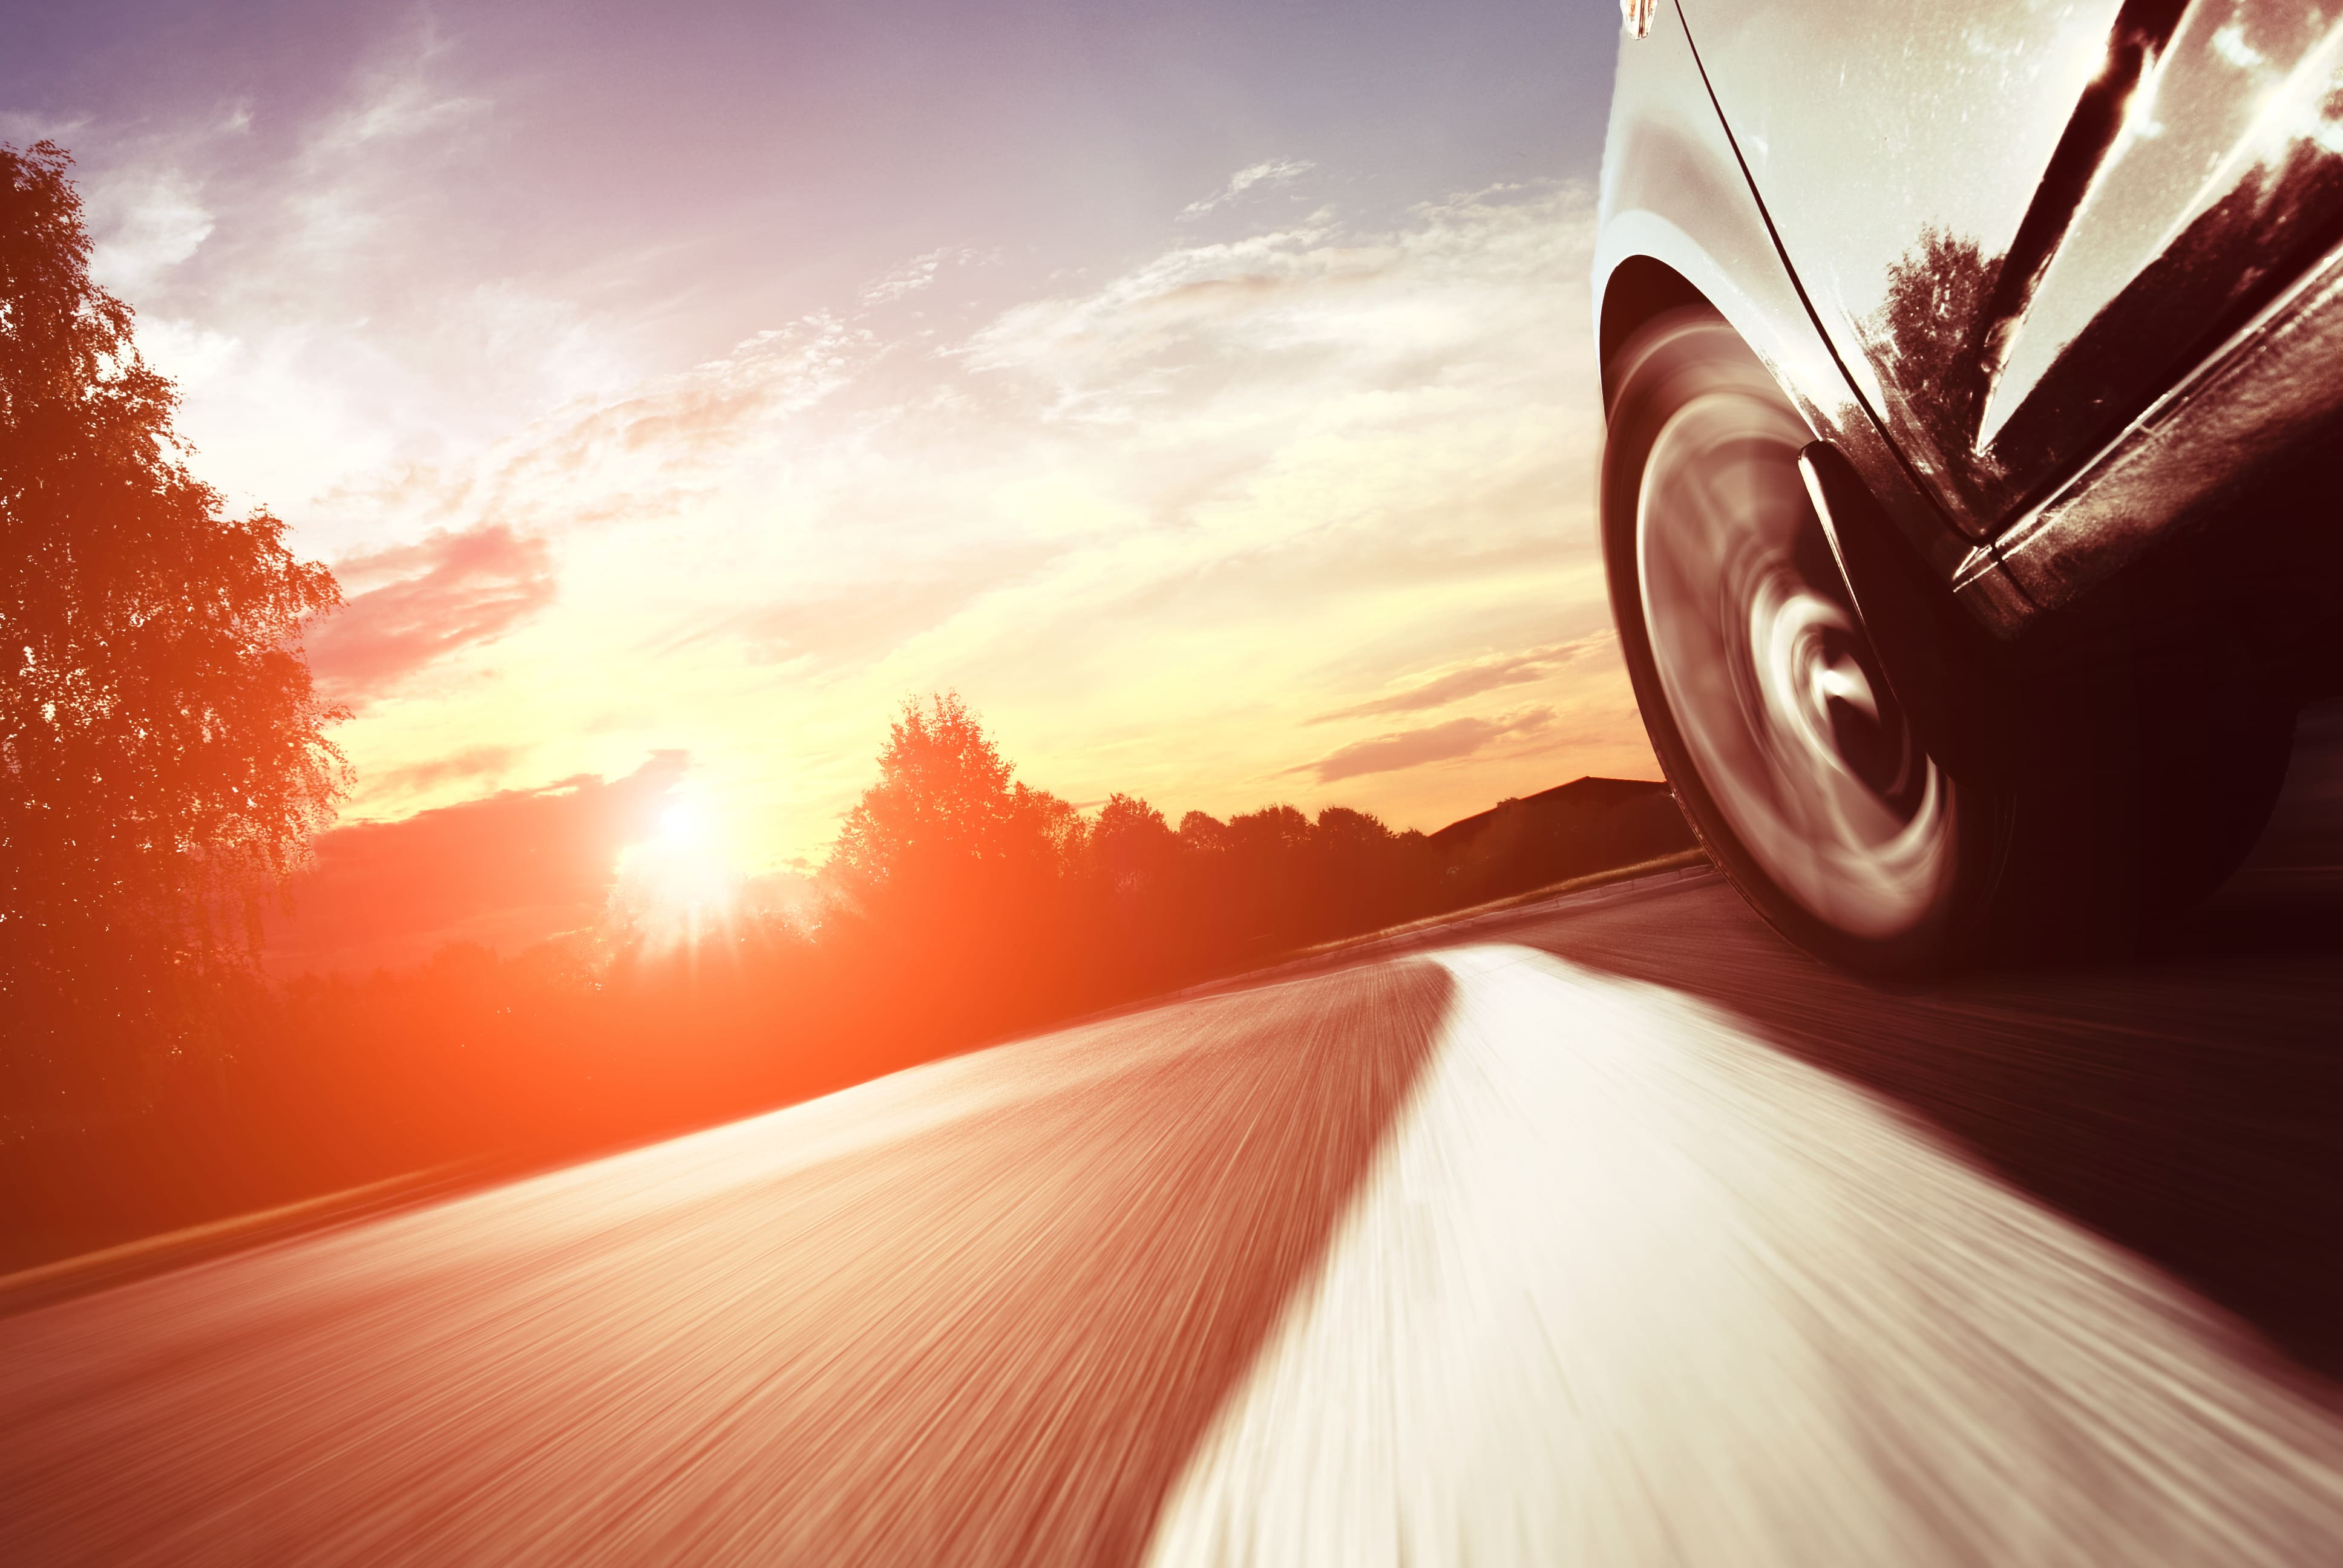 「ラシーン」の中古車を自社ローンで購入した方の車両価格相場と口コミ(体験談)